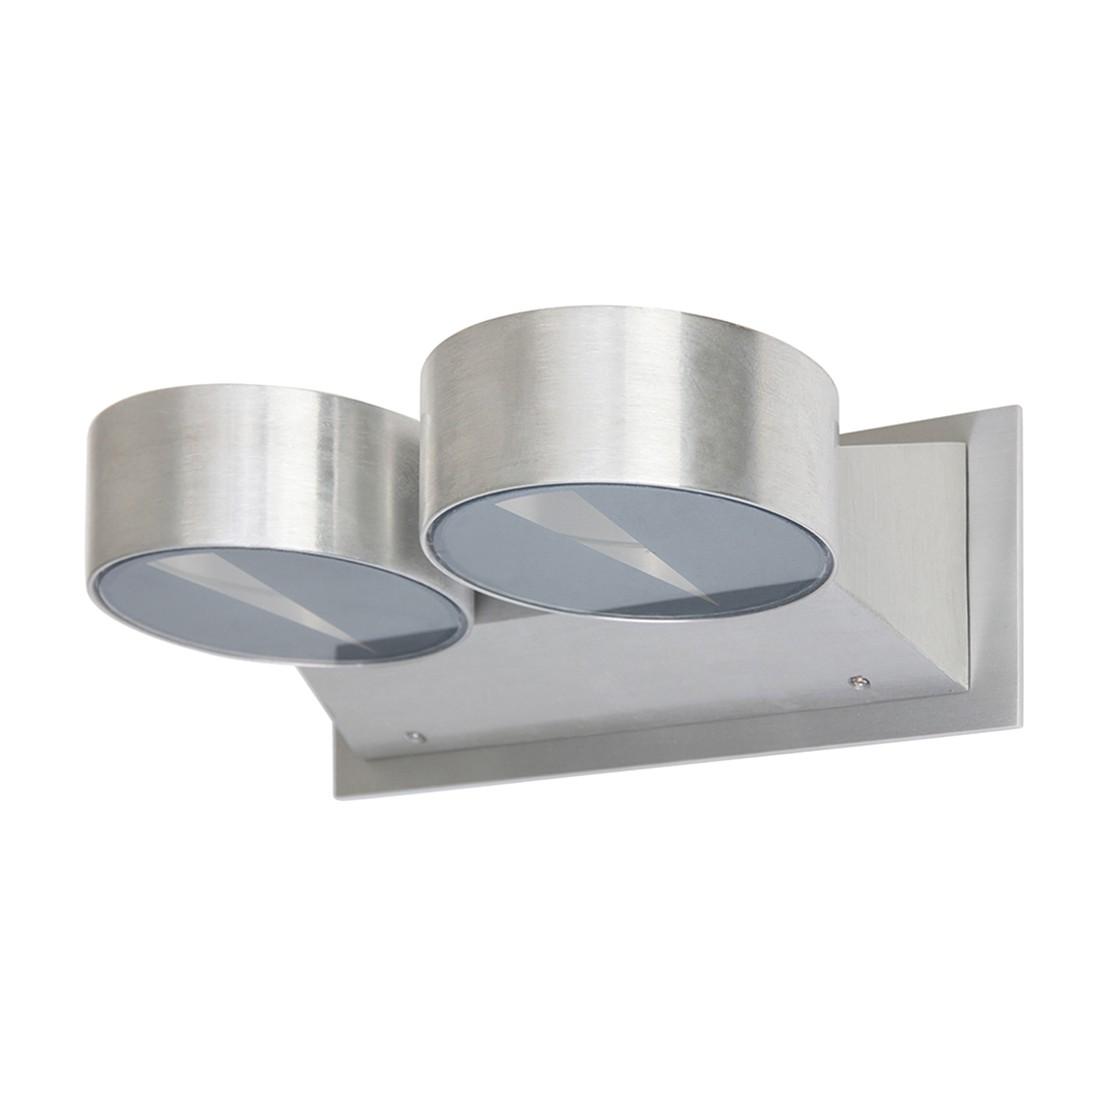 LED-Wandleuchte Rajka 2-flammig ● Nickel matt- Steinhauer A+